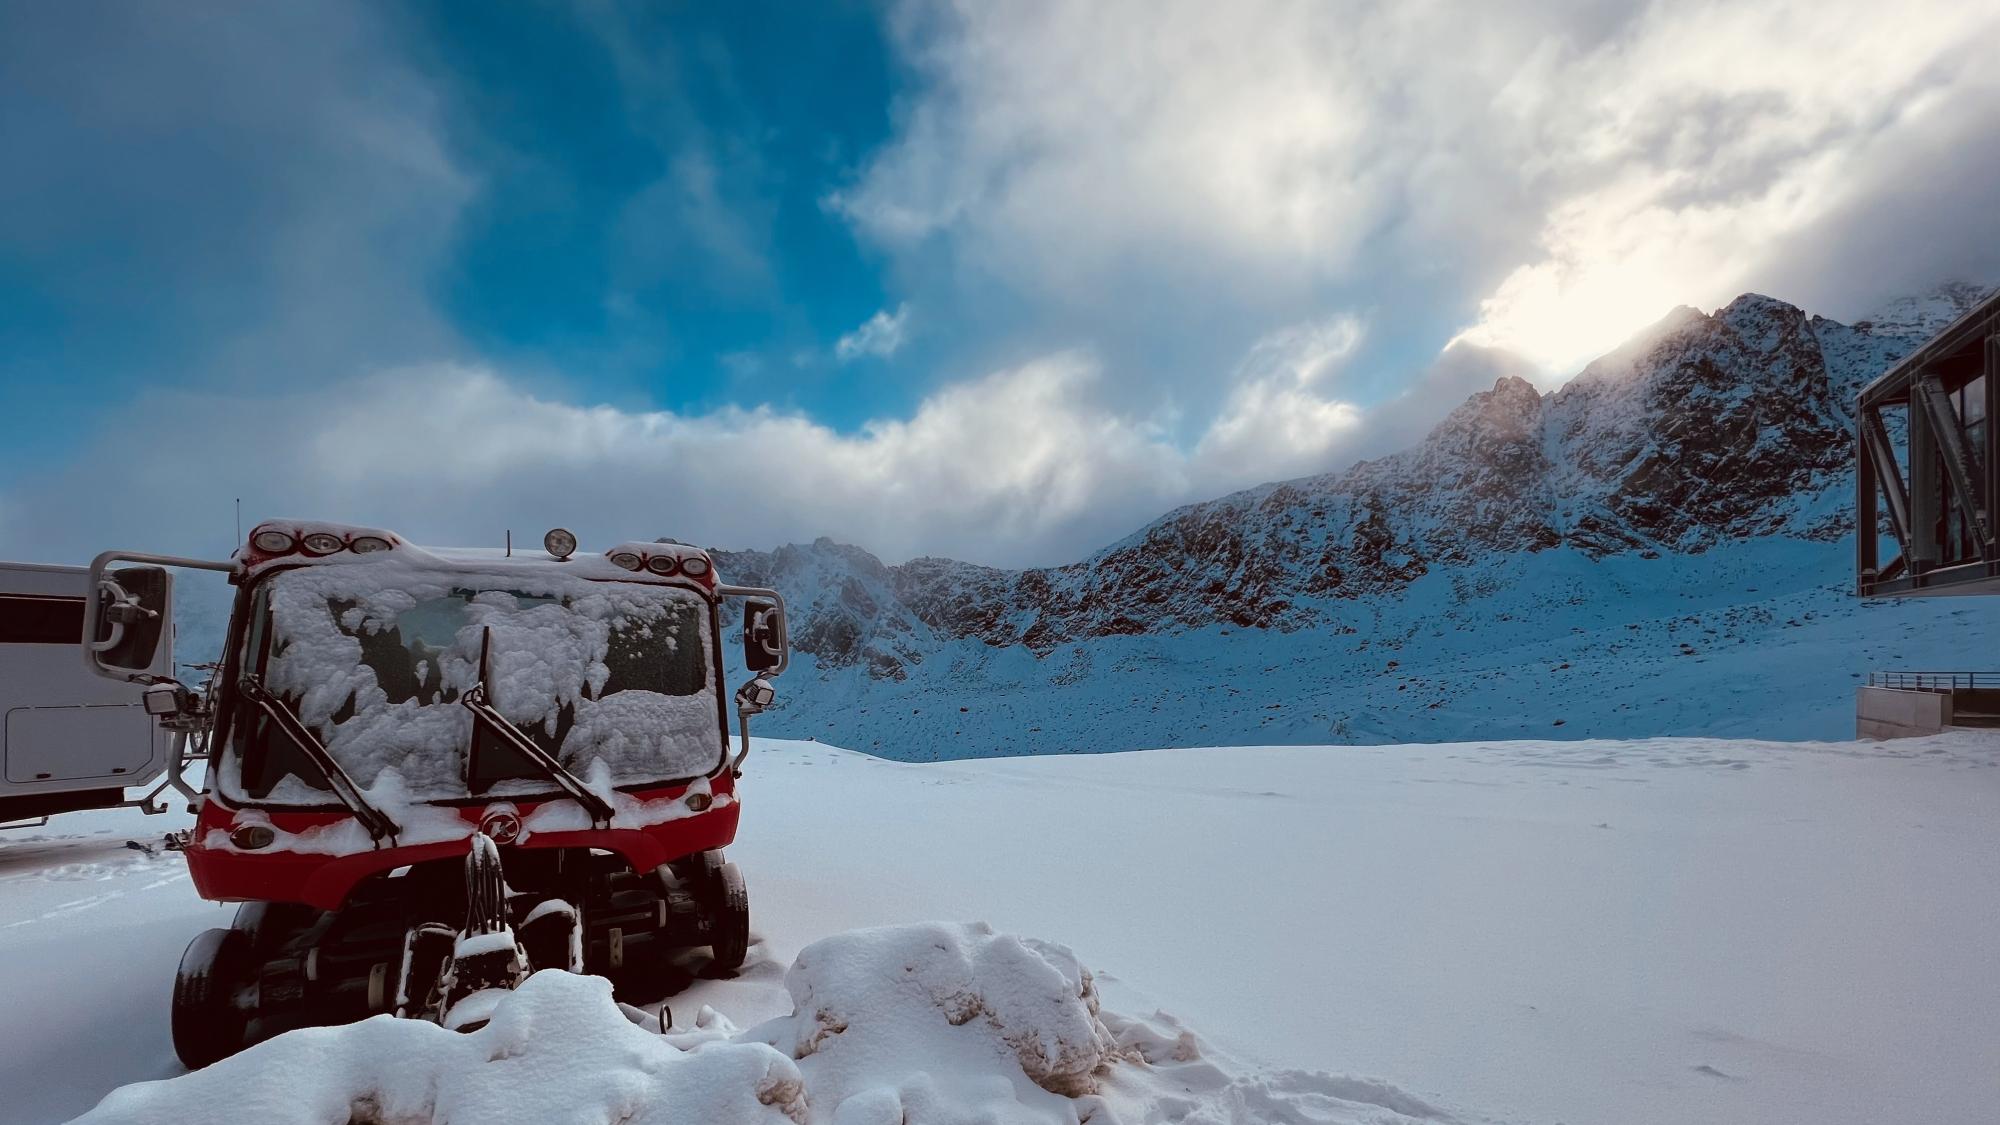 Winterliche Bedingungen auf dem Gletscherparkplatz am Kaunertaler Gletscher